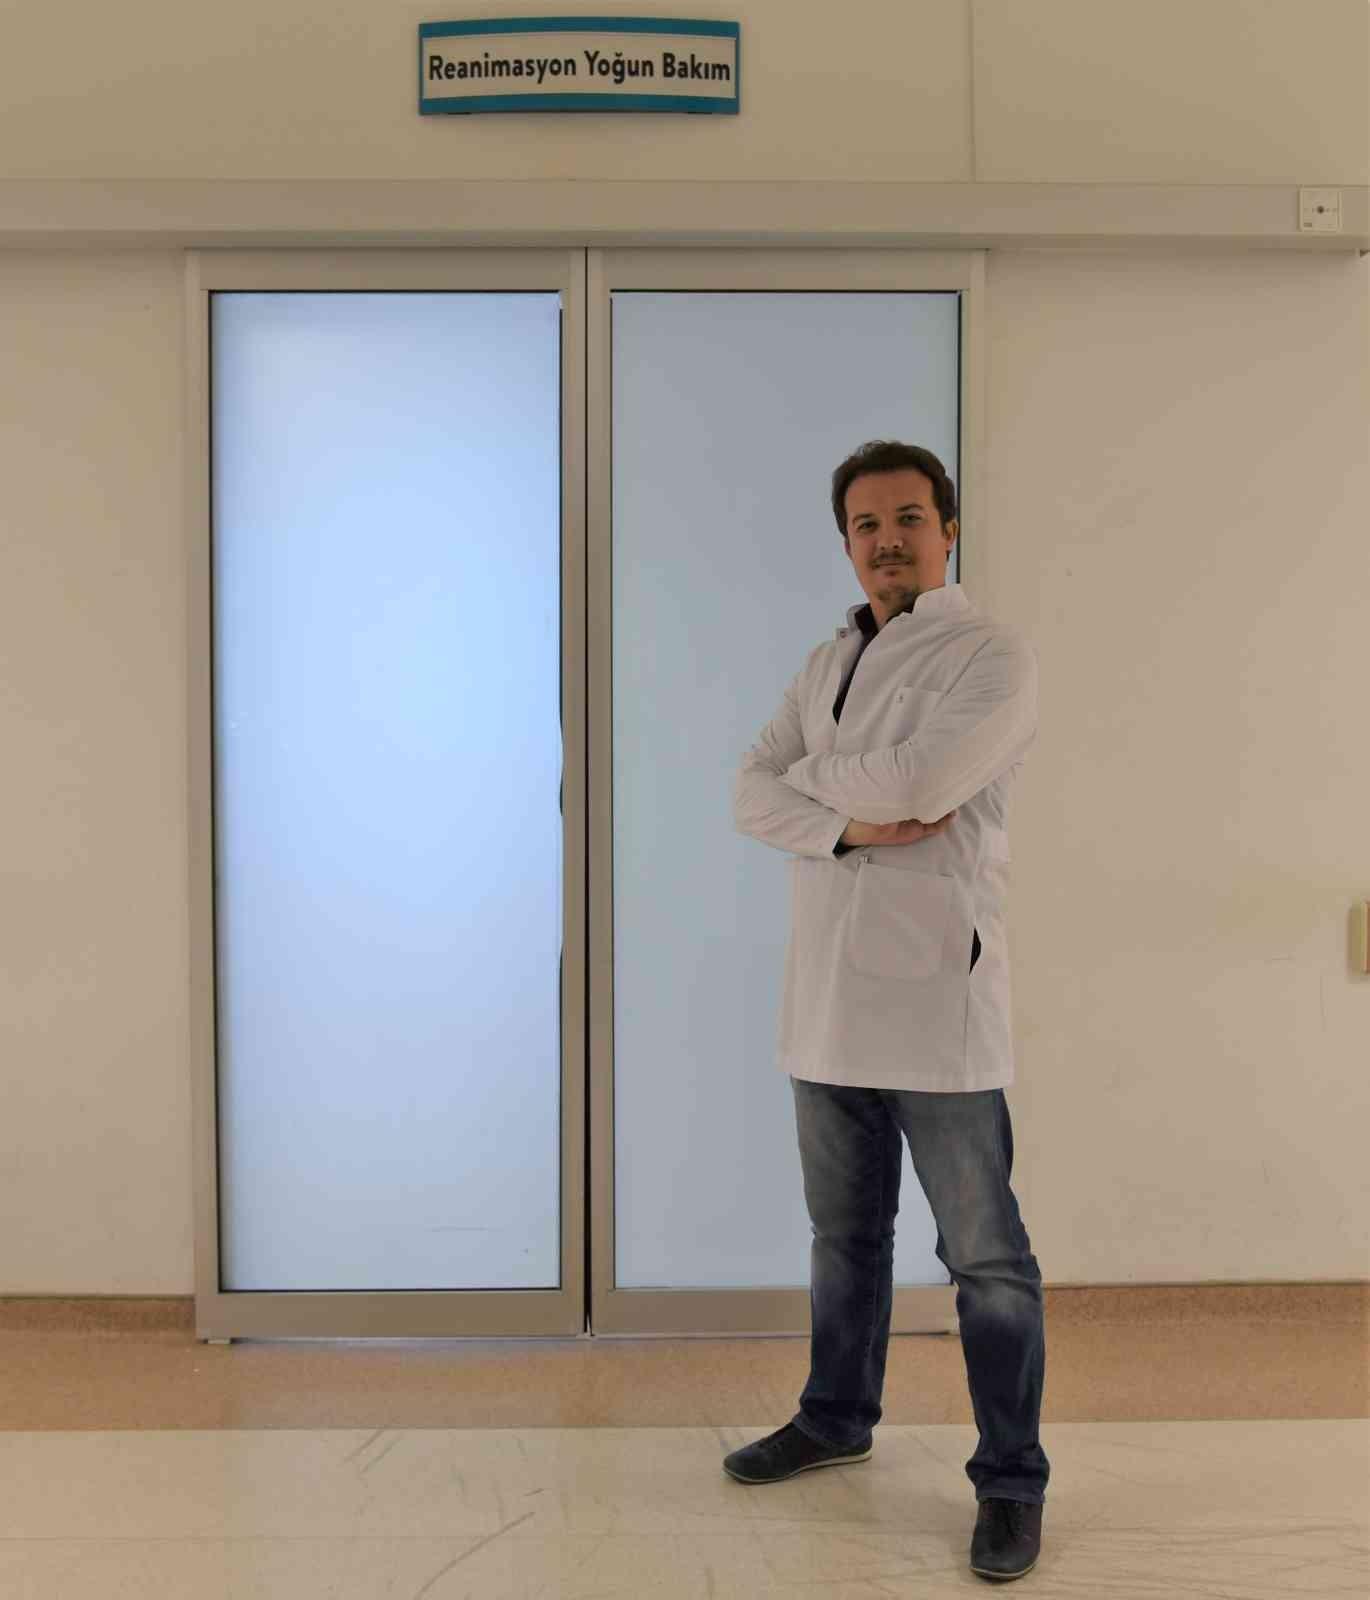 Yoğun Bakım Uzmanı Dr. Uğur Çanakkale'de göreve başladı